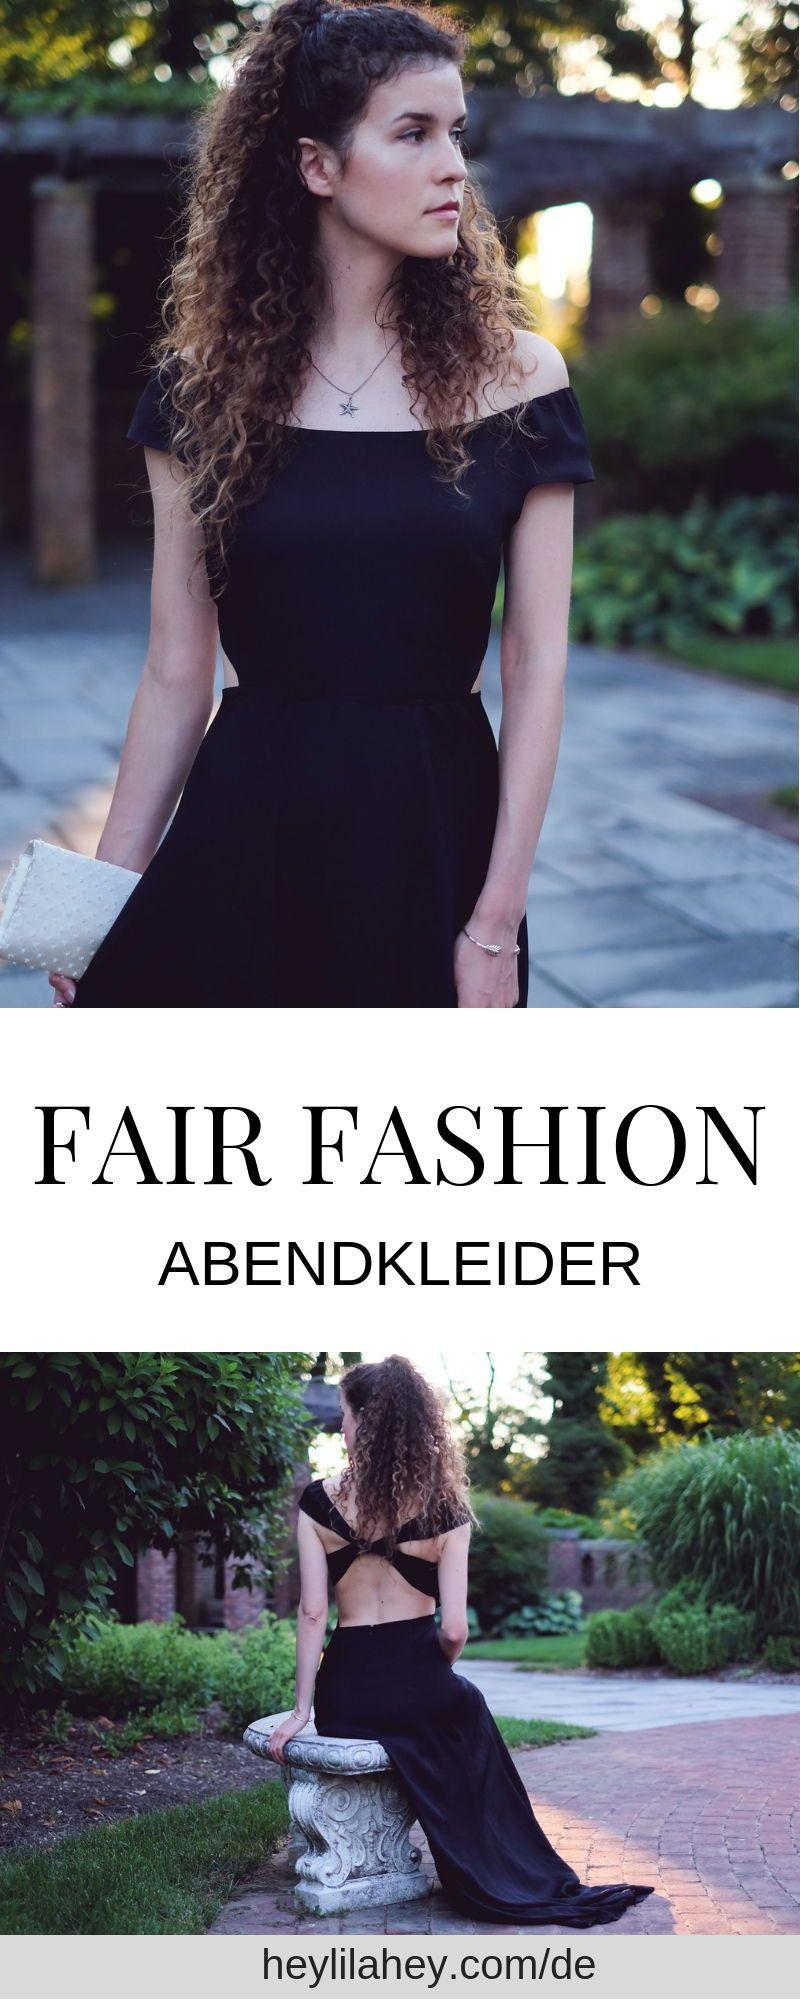 10 Erstaunlich Abendkleid Fairtrade Bester Preis17 Ausgezeichnet Abendkleid Fairtrade Stylish